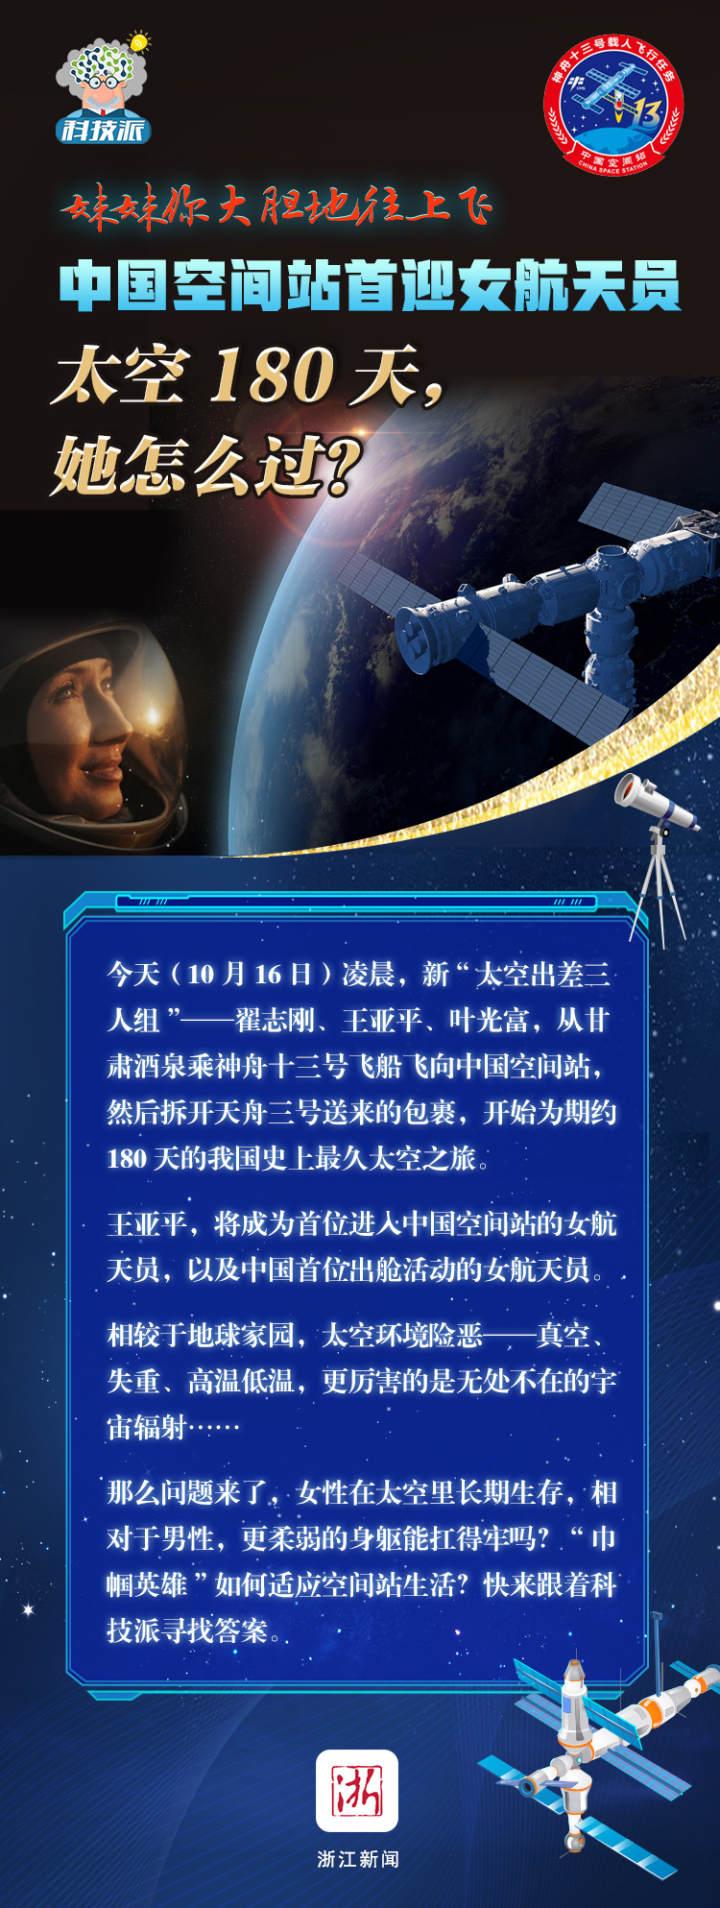 中国空间站首迎女航天员,太空180天她怎么过?